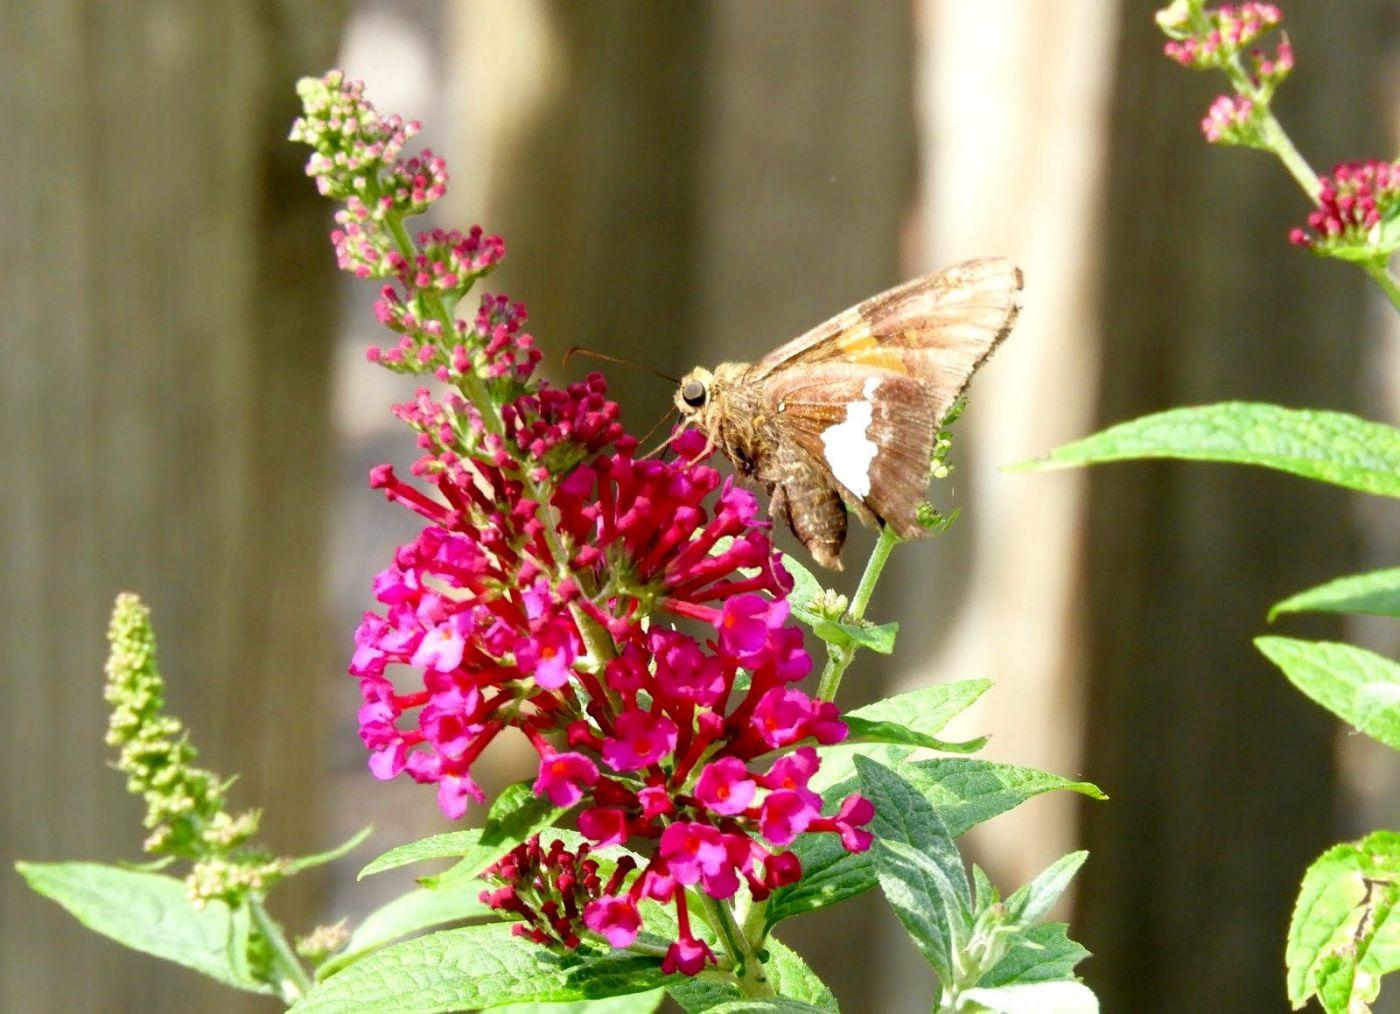 赫尔希花园看蝴蝶_图1-26